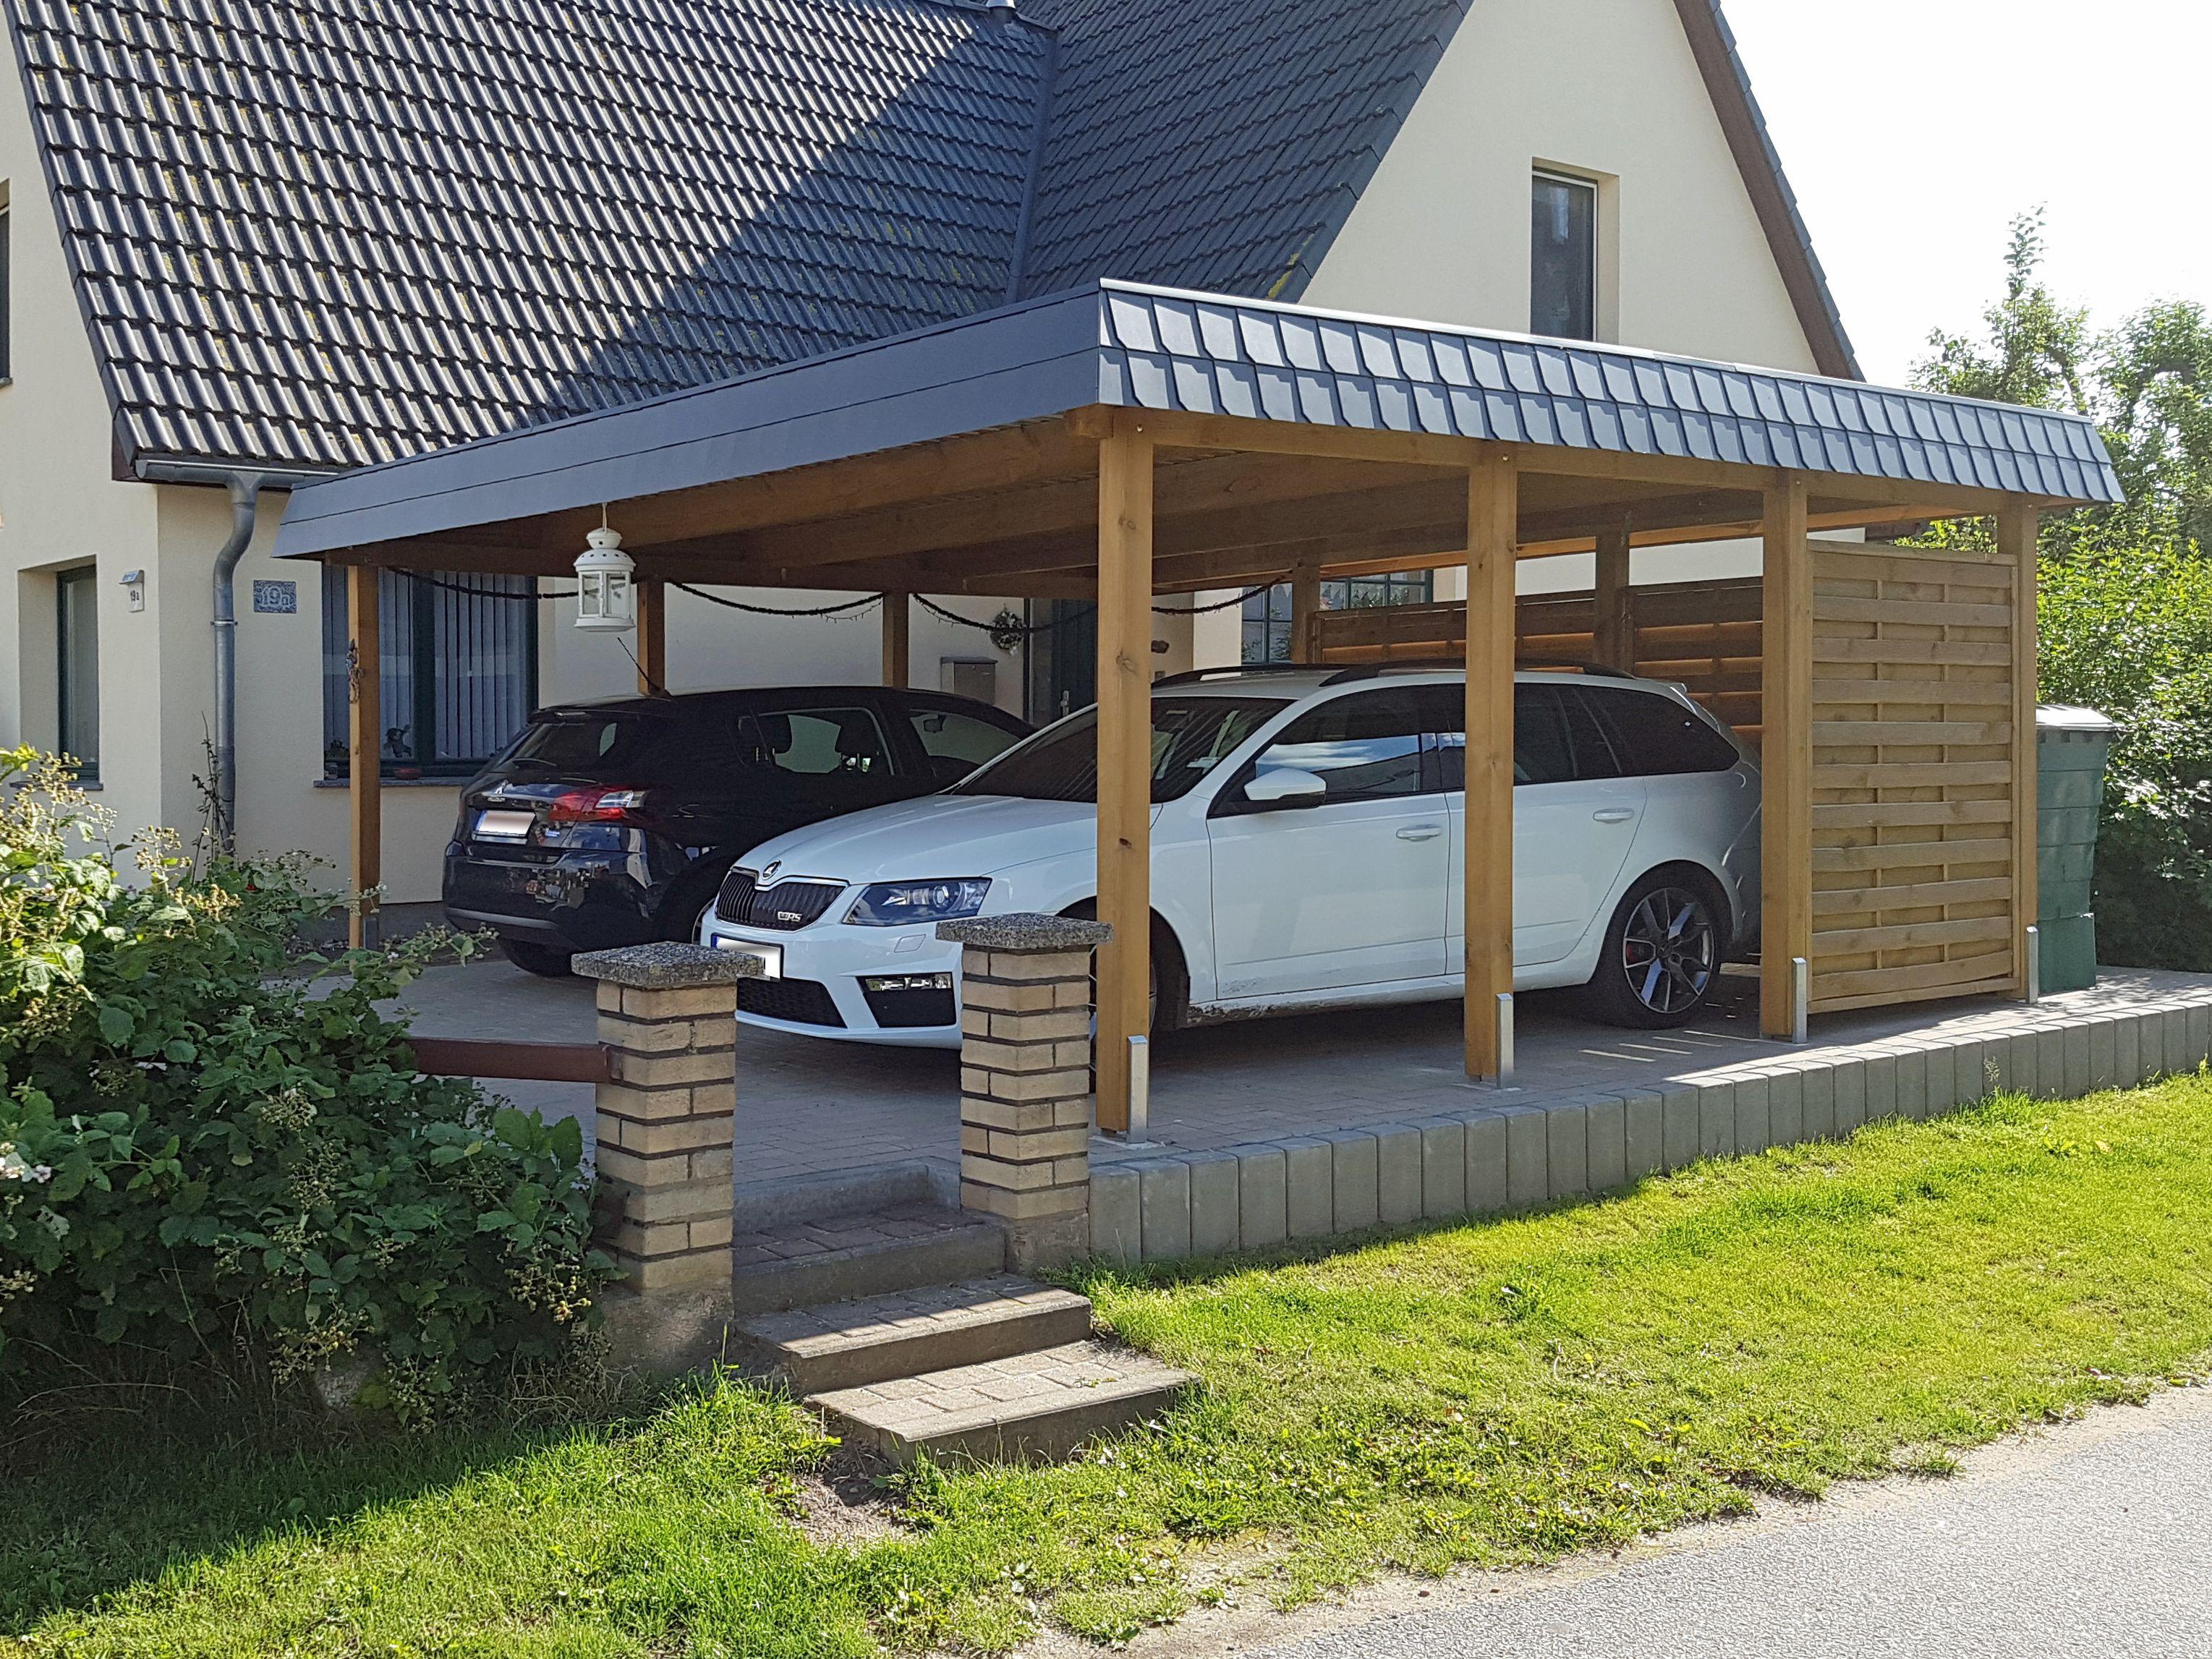 carport aus holz fr zwei pkw das dach ist mit einer zweireihigen schindelblende umlaufend verkleidet